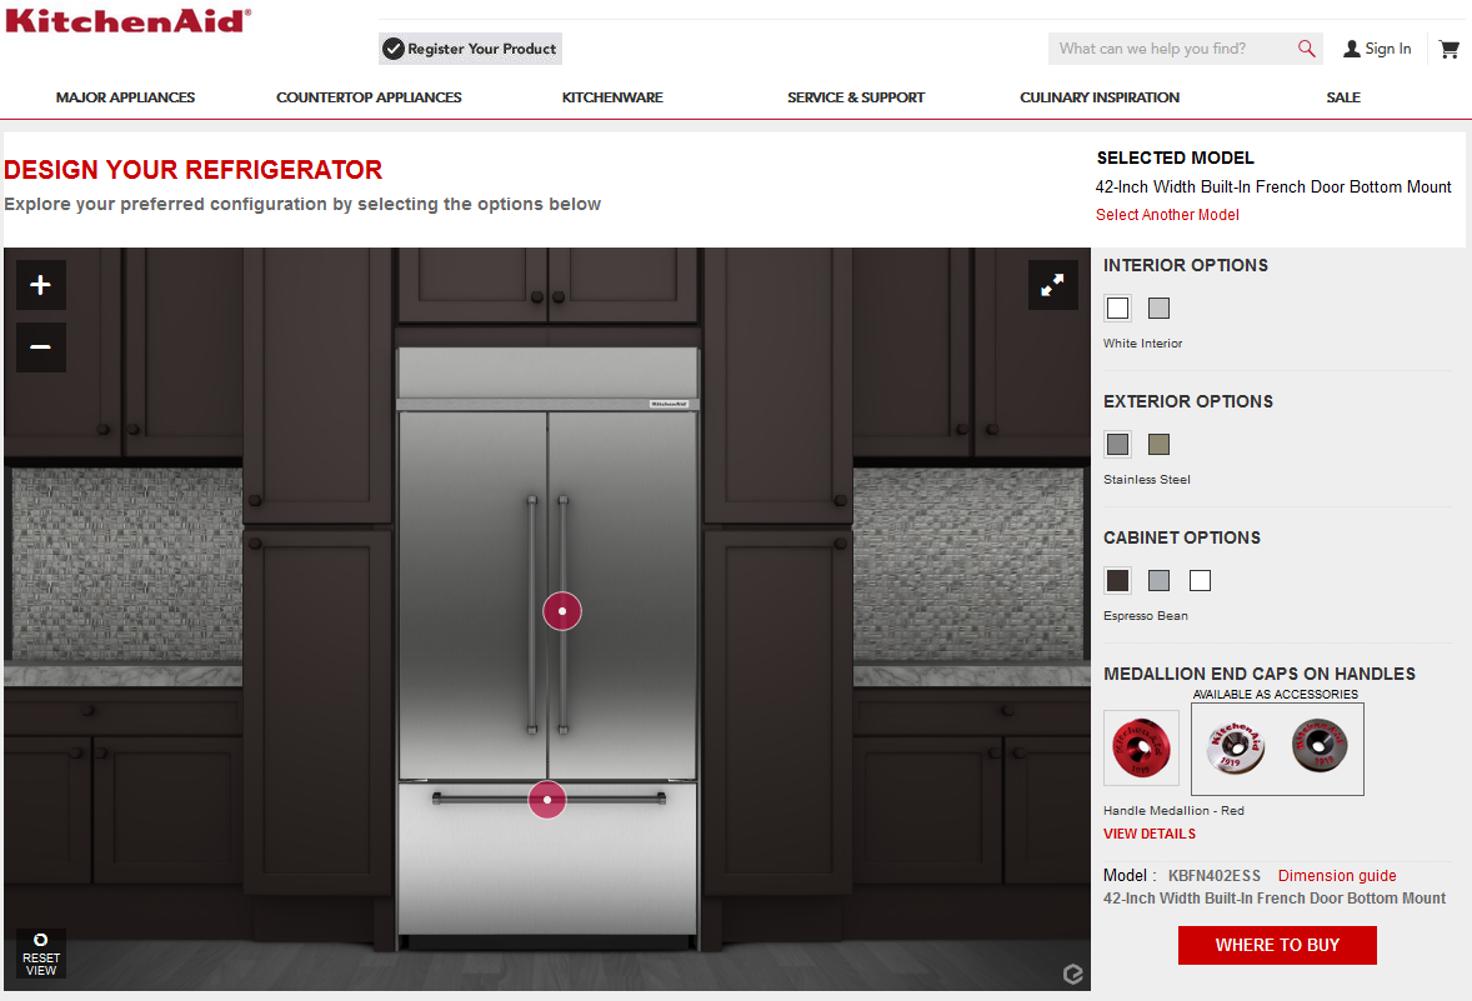 KitchenAid's refrigerator's in Interactive 3D configurator